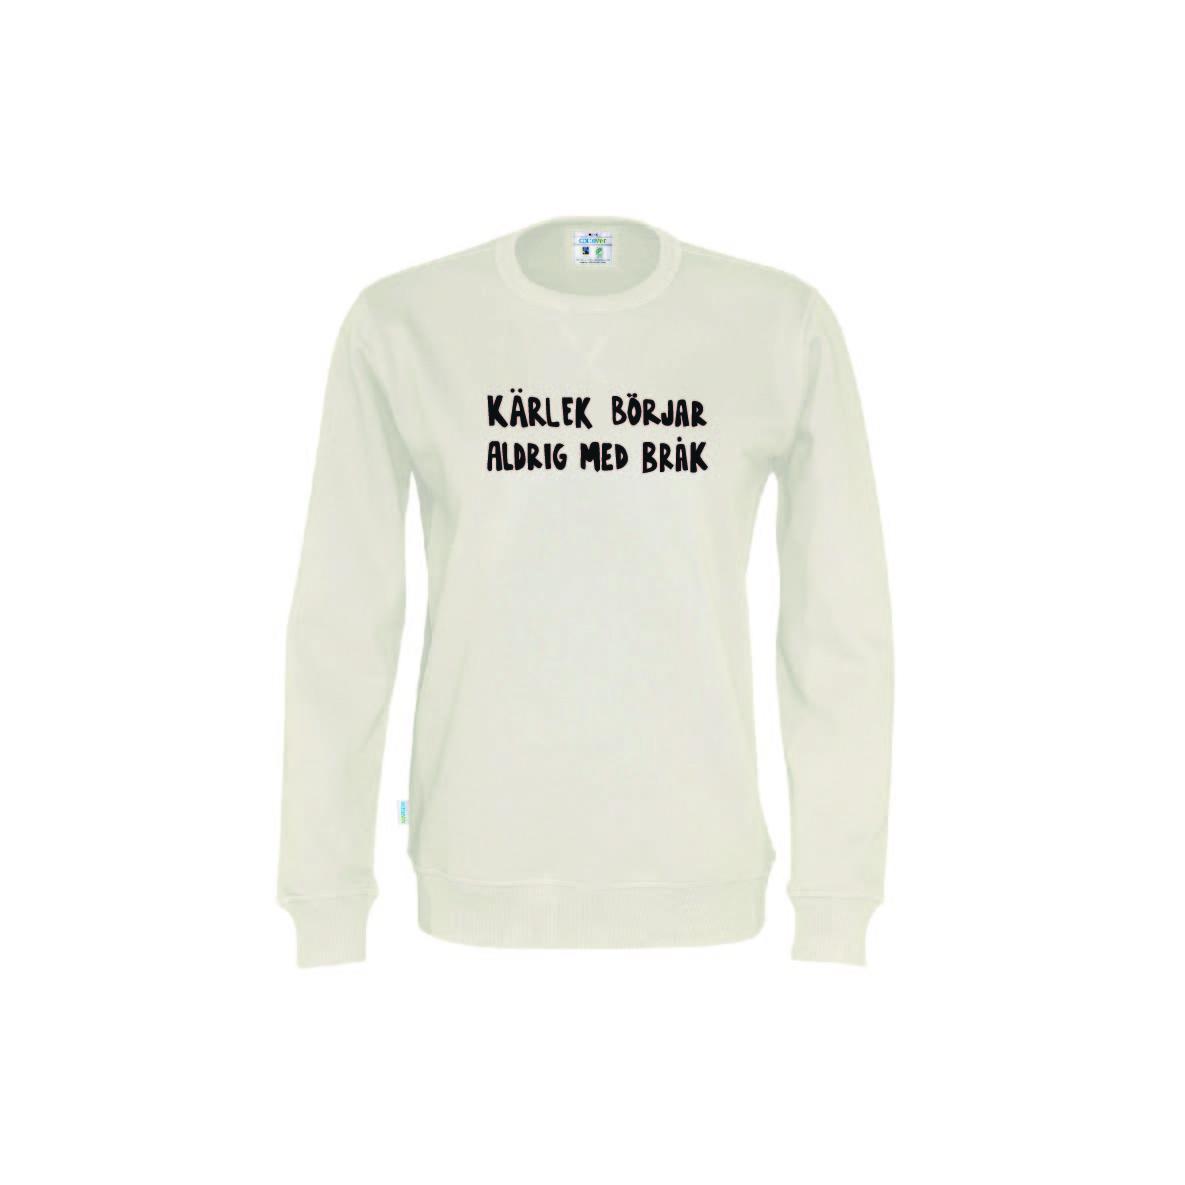 Ekologisk tröja i beige - Kärlek börjar aldrig med bråk